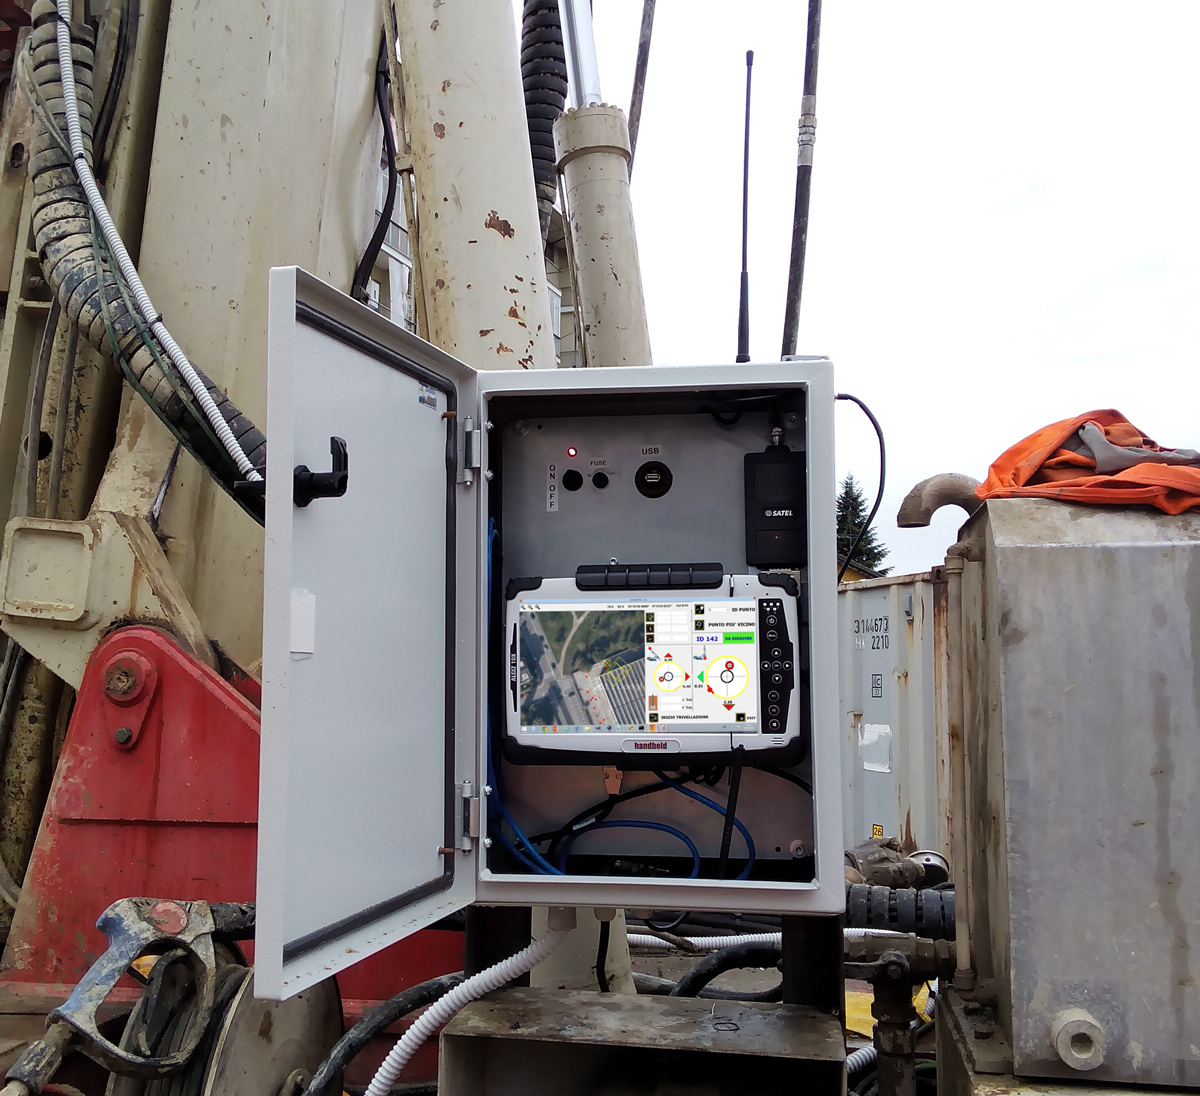 DAT instruments, box GPS per il posizionamento automatico della trivella